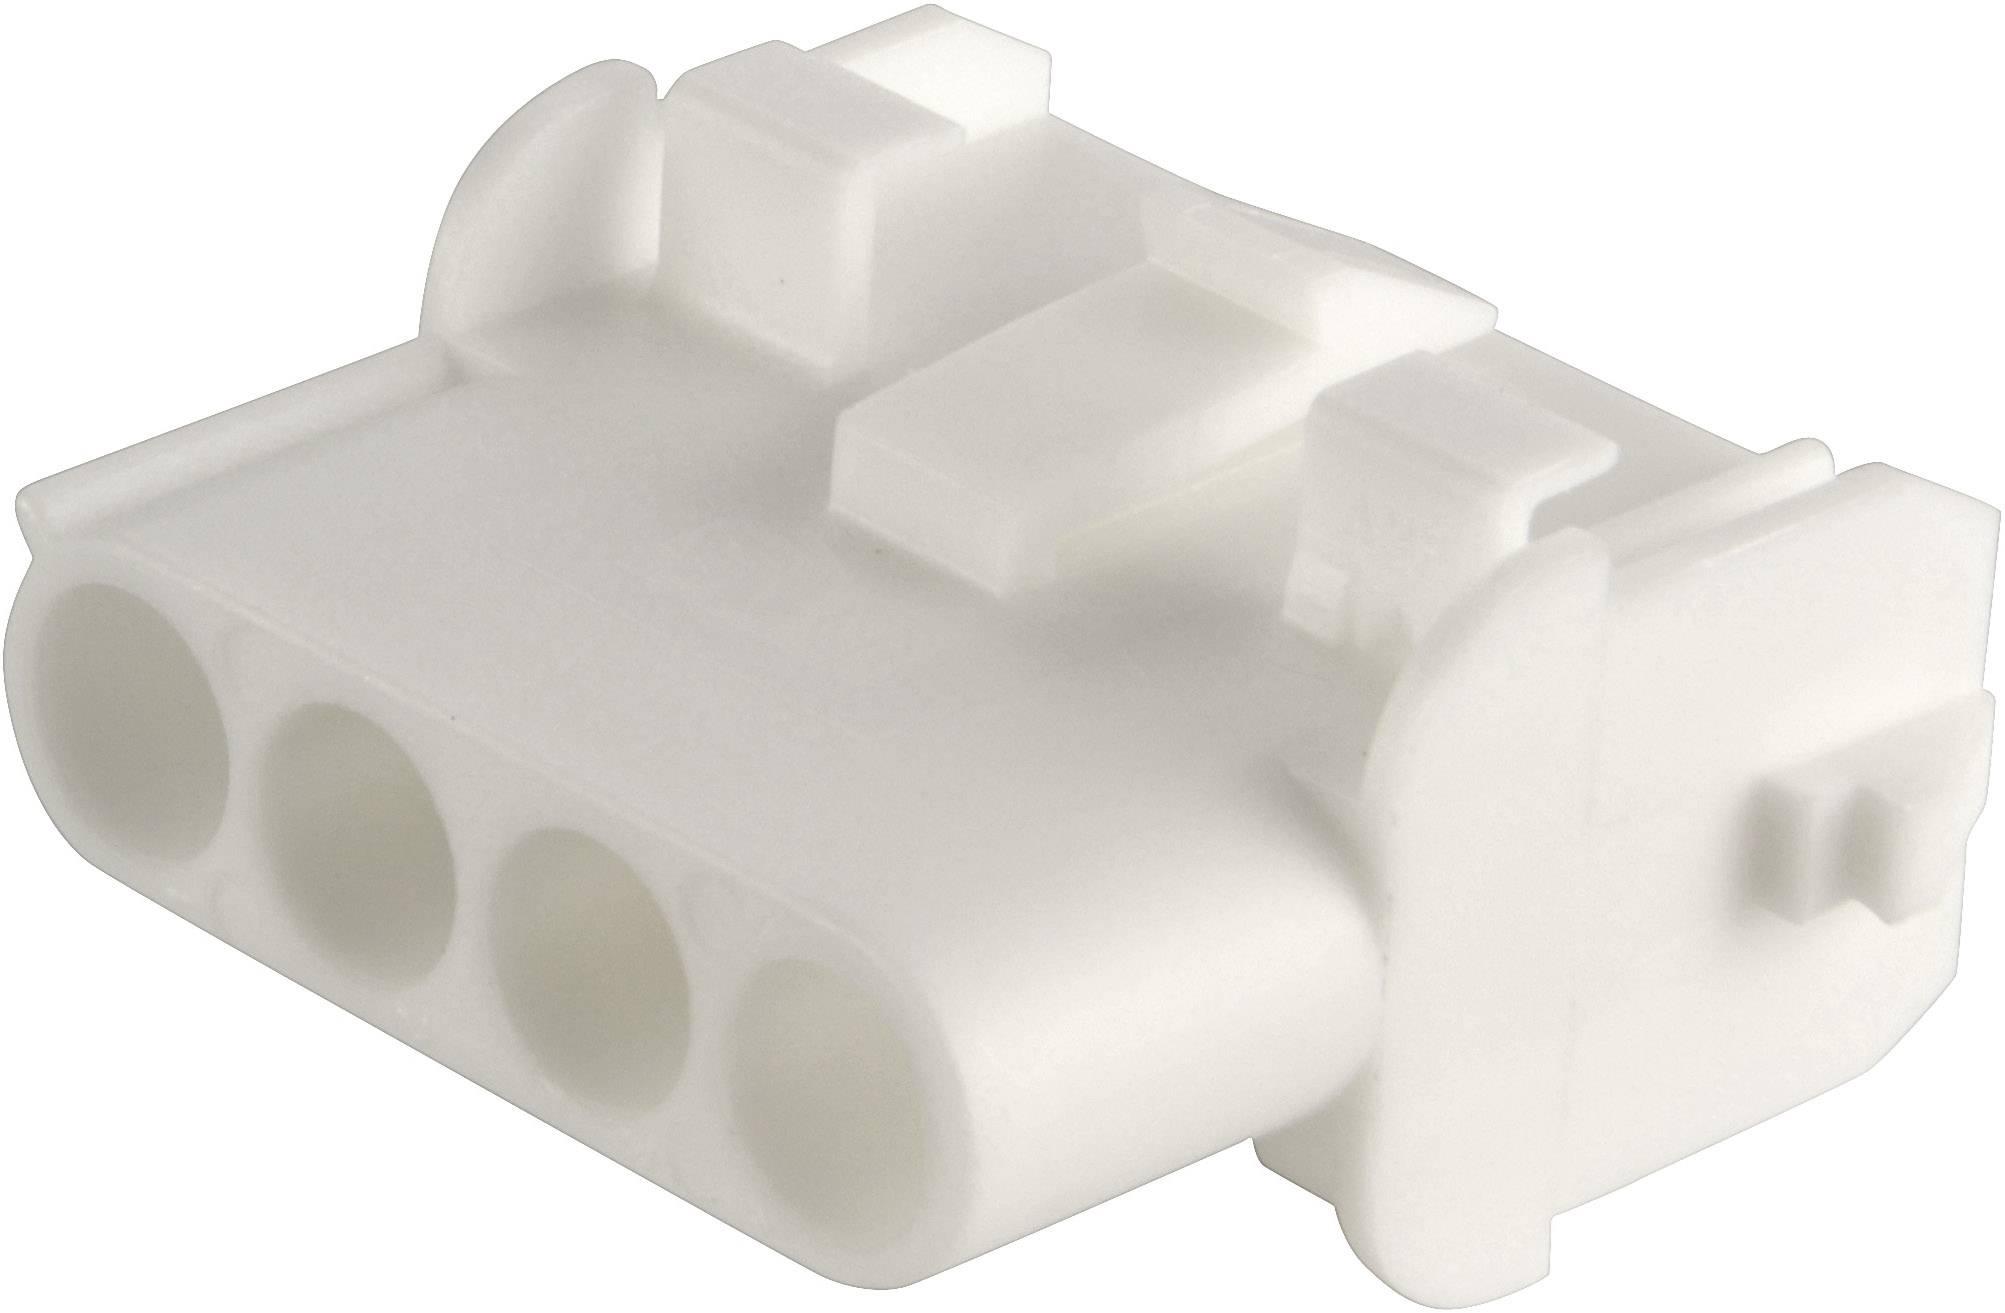 Zásuvkové púzdro na kábel TE Connectivity 350778-1, počet pólov 2, raster 6.35 mm, 1 ks